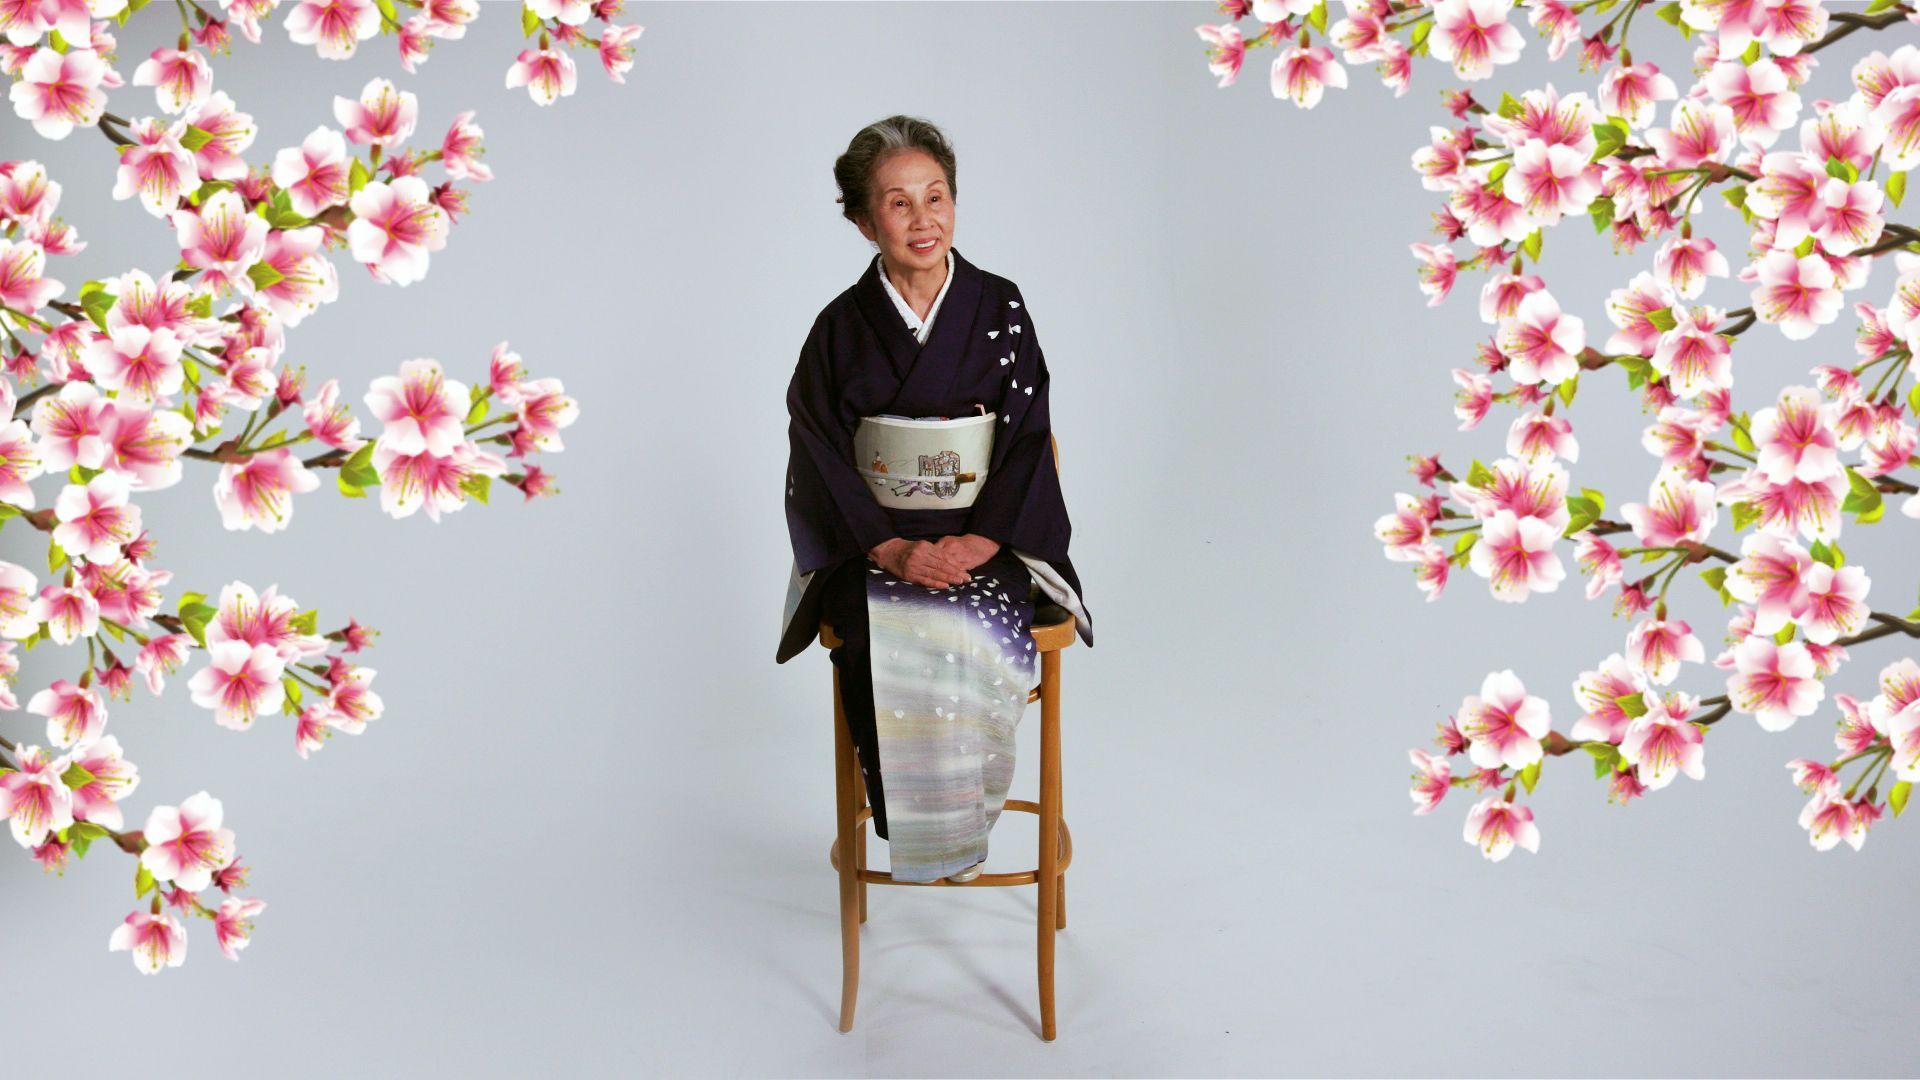 Entdeckt 20 von Kyotos versteckten Schätzen